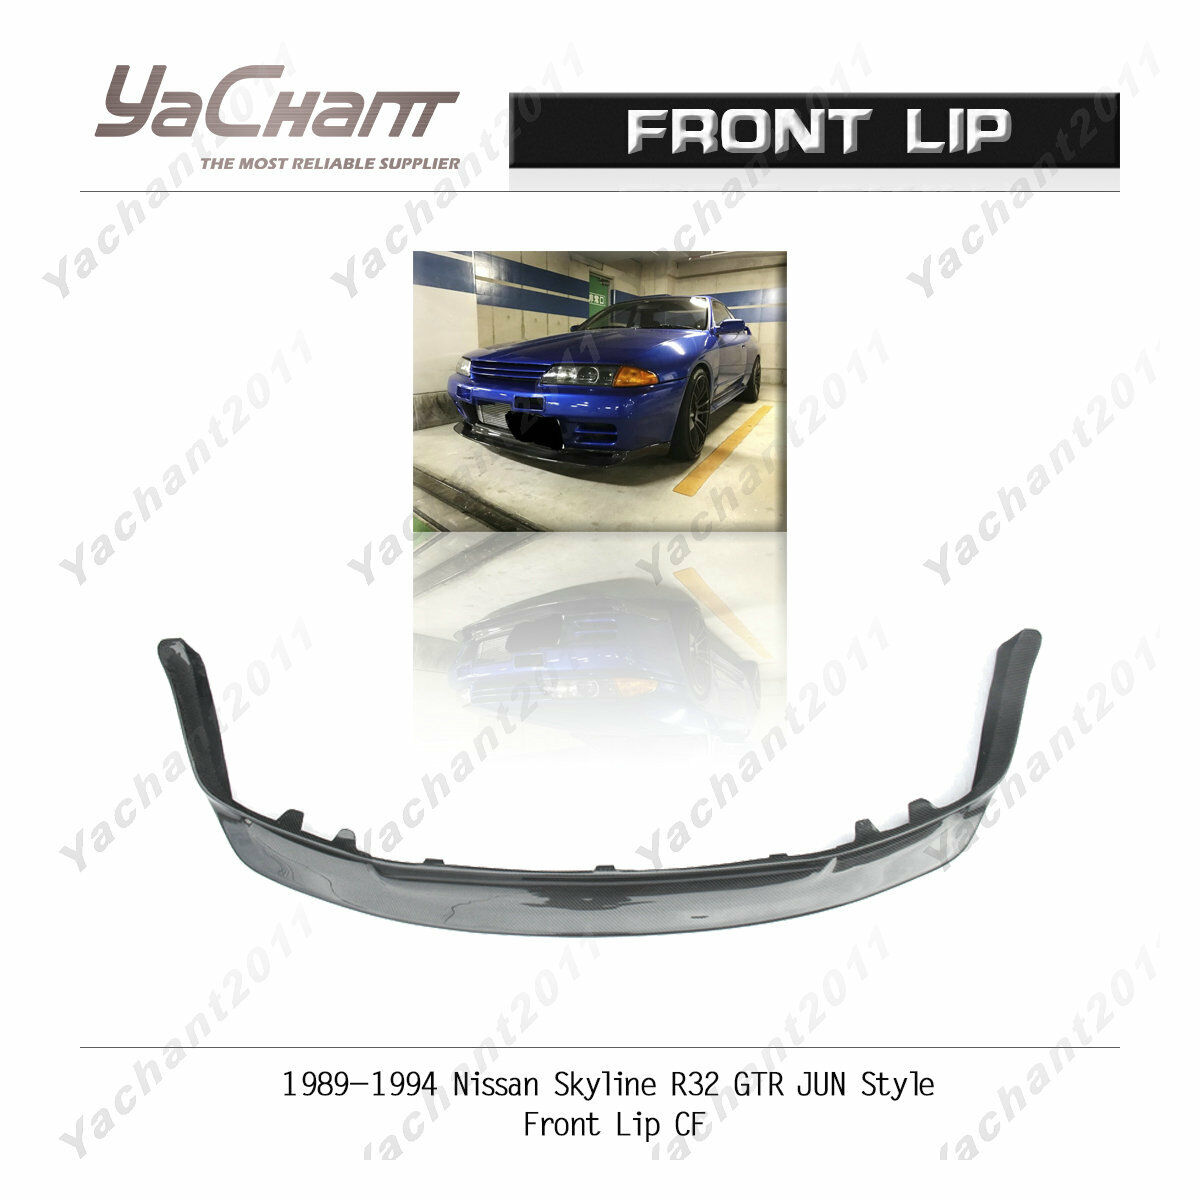 Carbon Front Splitter For 1989-1994 Nissan Skyline R32 GTR JUN Front